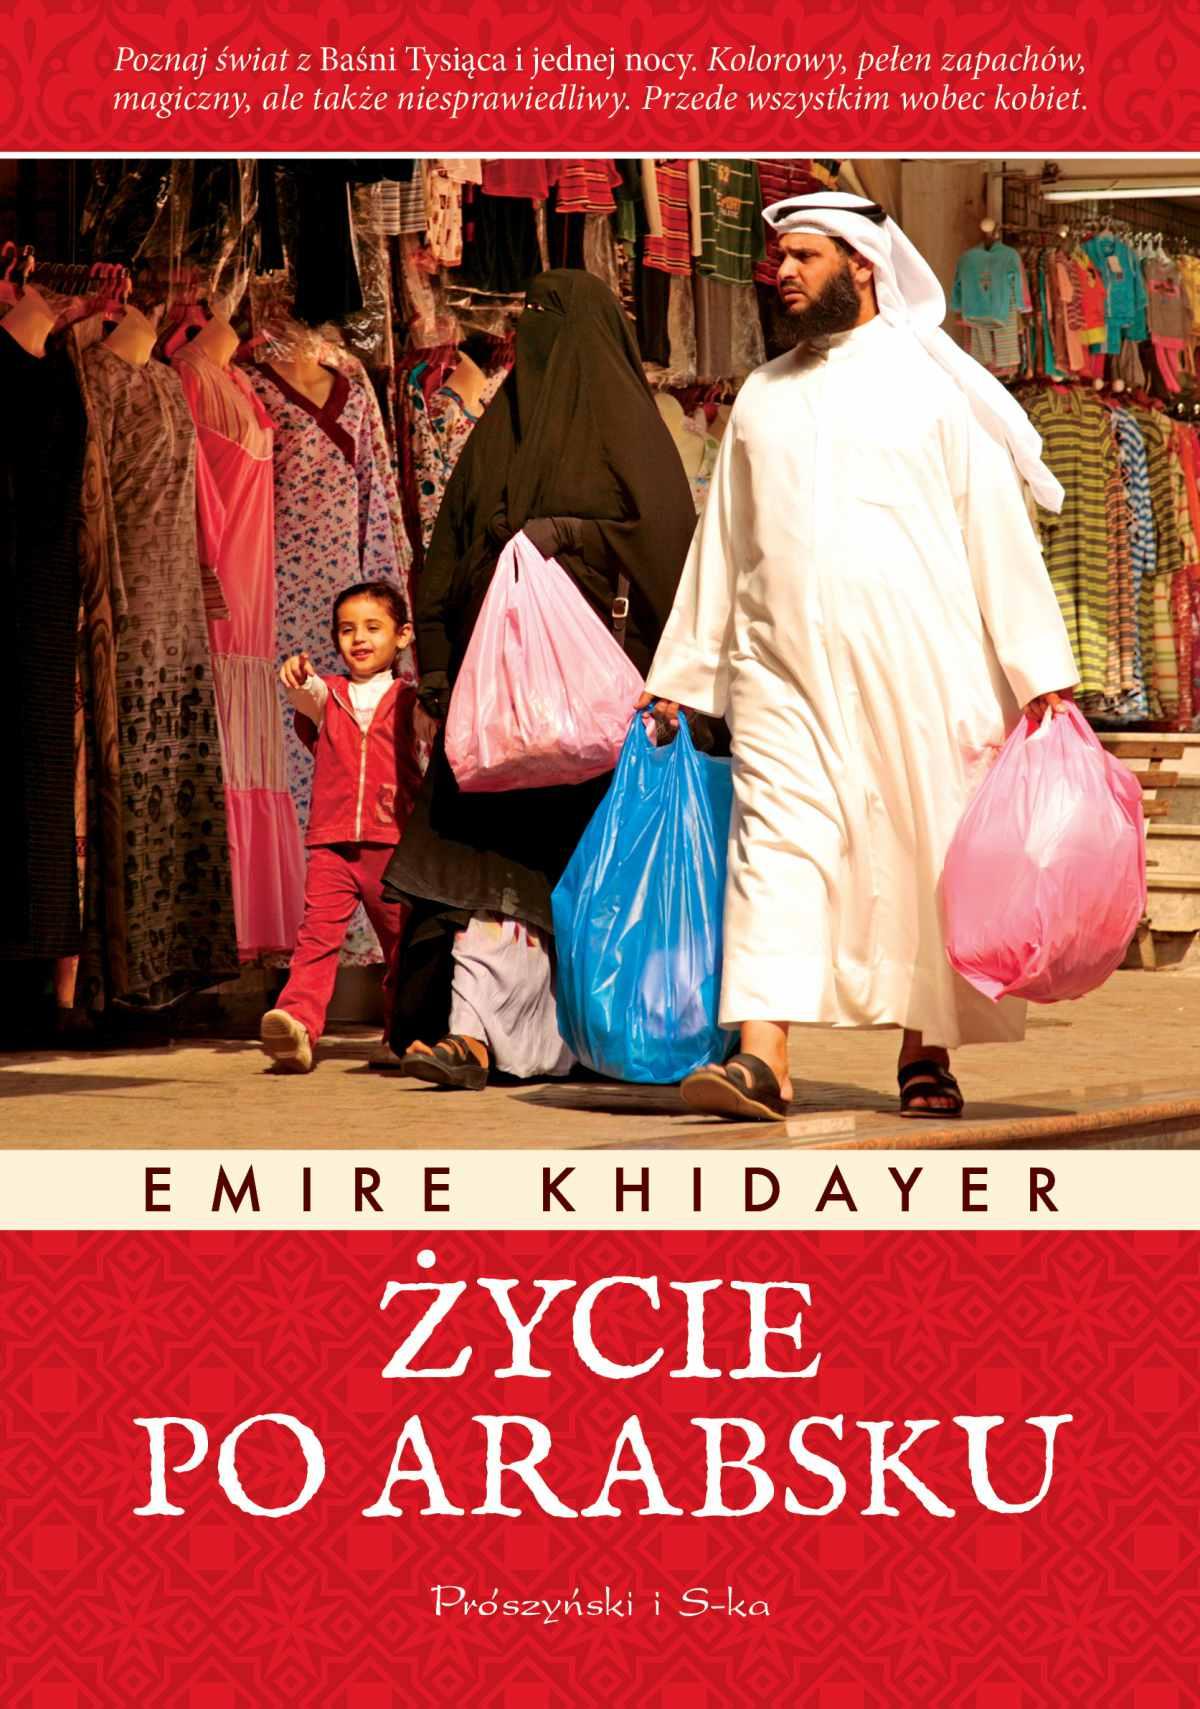 Życie po arabsku - Ebook (Książka EPUB) do pobrania w formacie EPUB